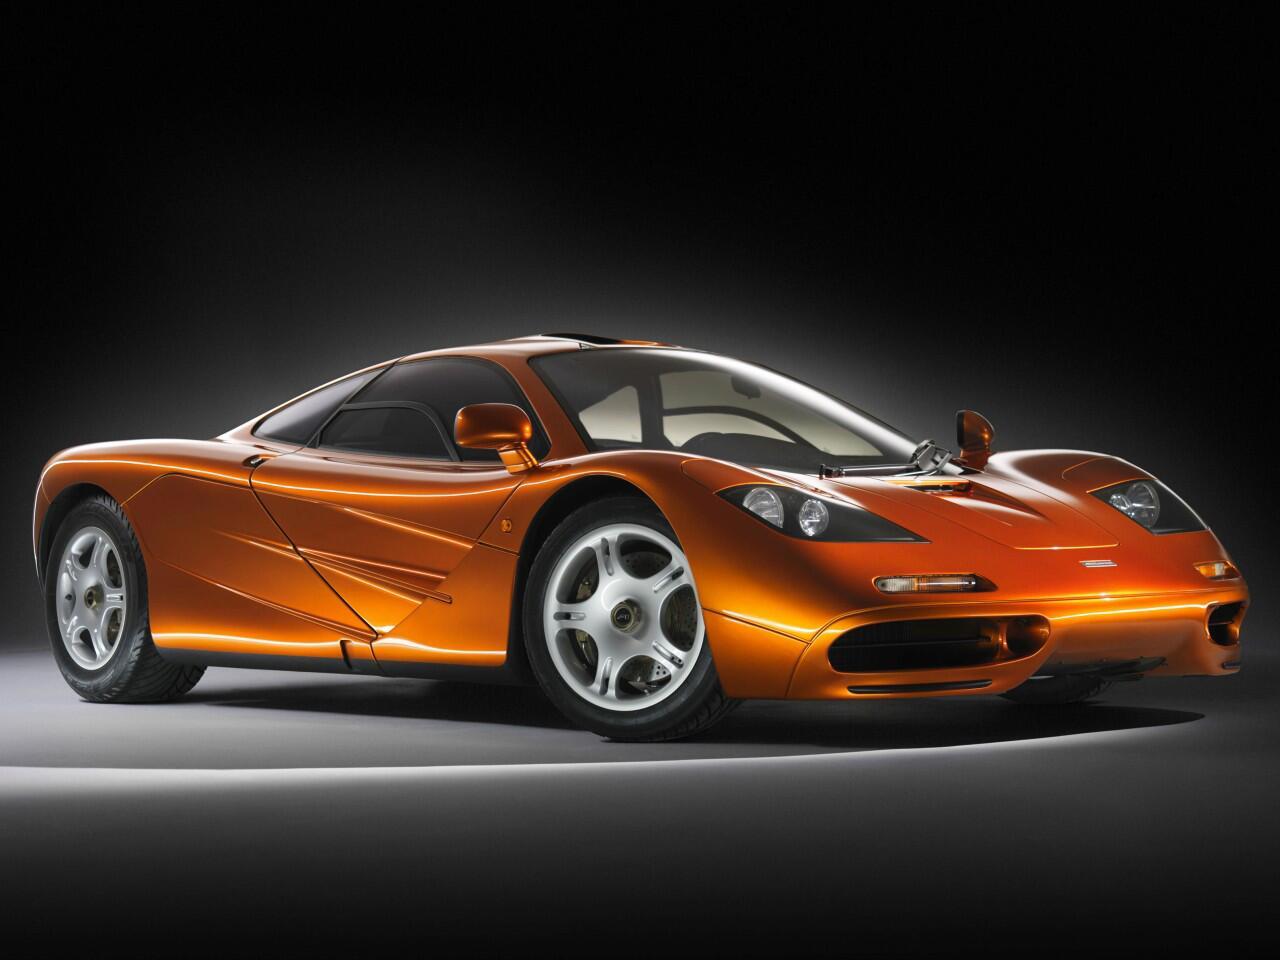 Bild zu Platz 7: Der McLaren F1 zählt mit 391 km/h noch immer zu den schnellsten Autos